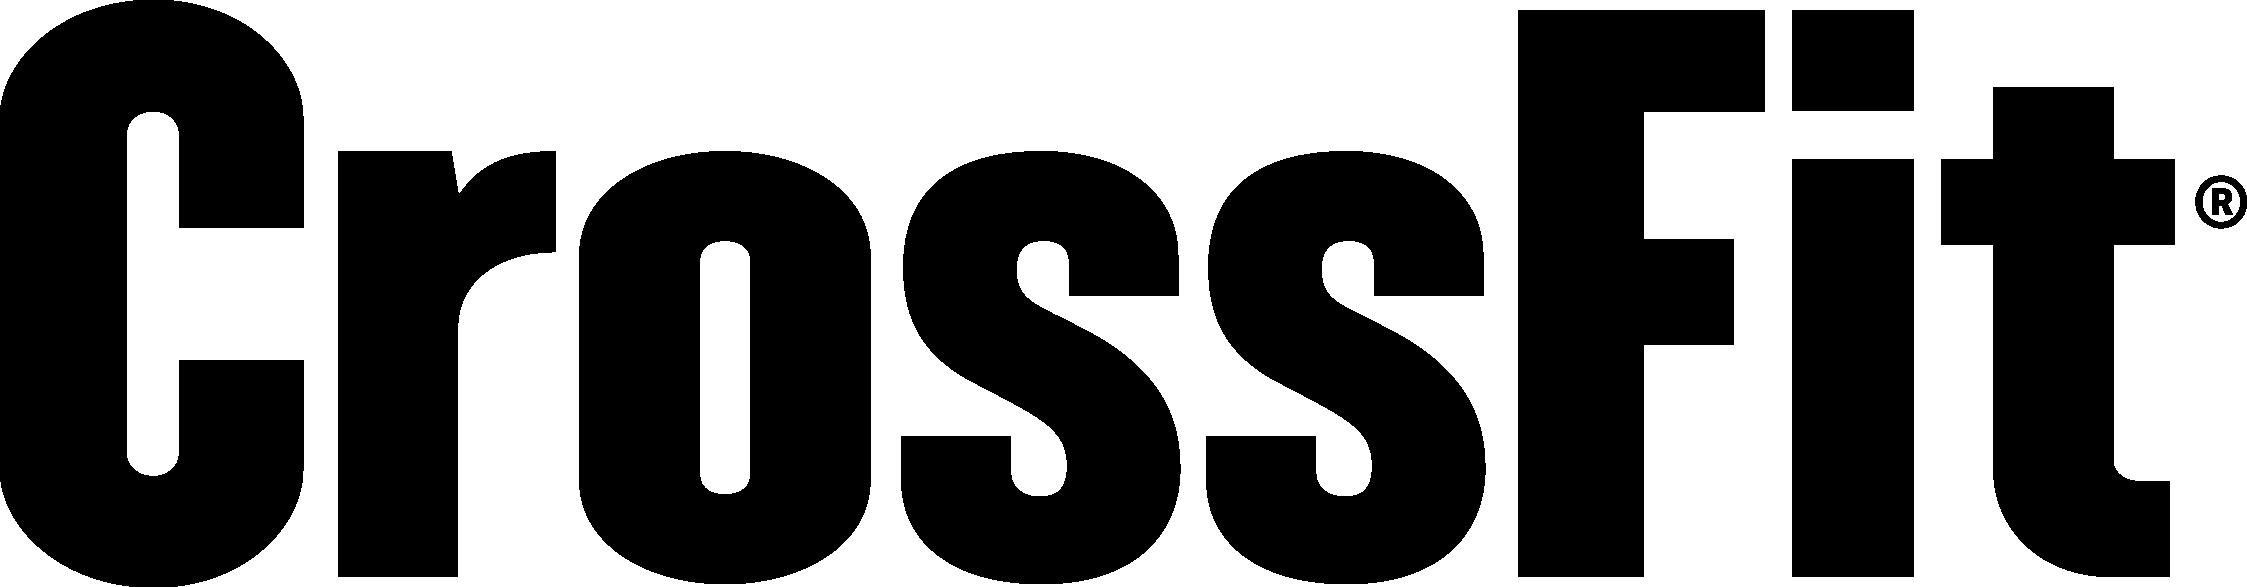 crosfit logo.png